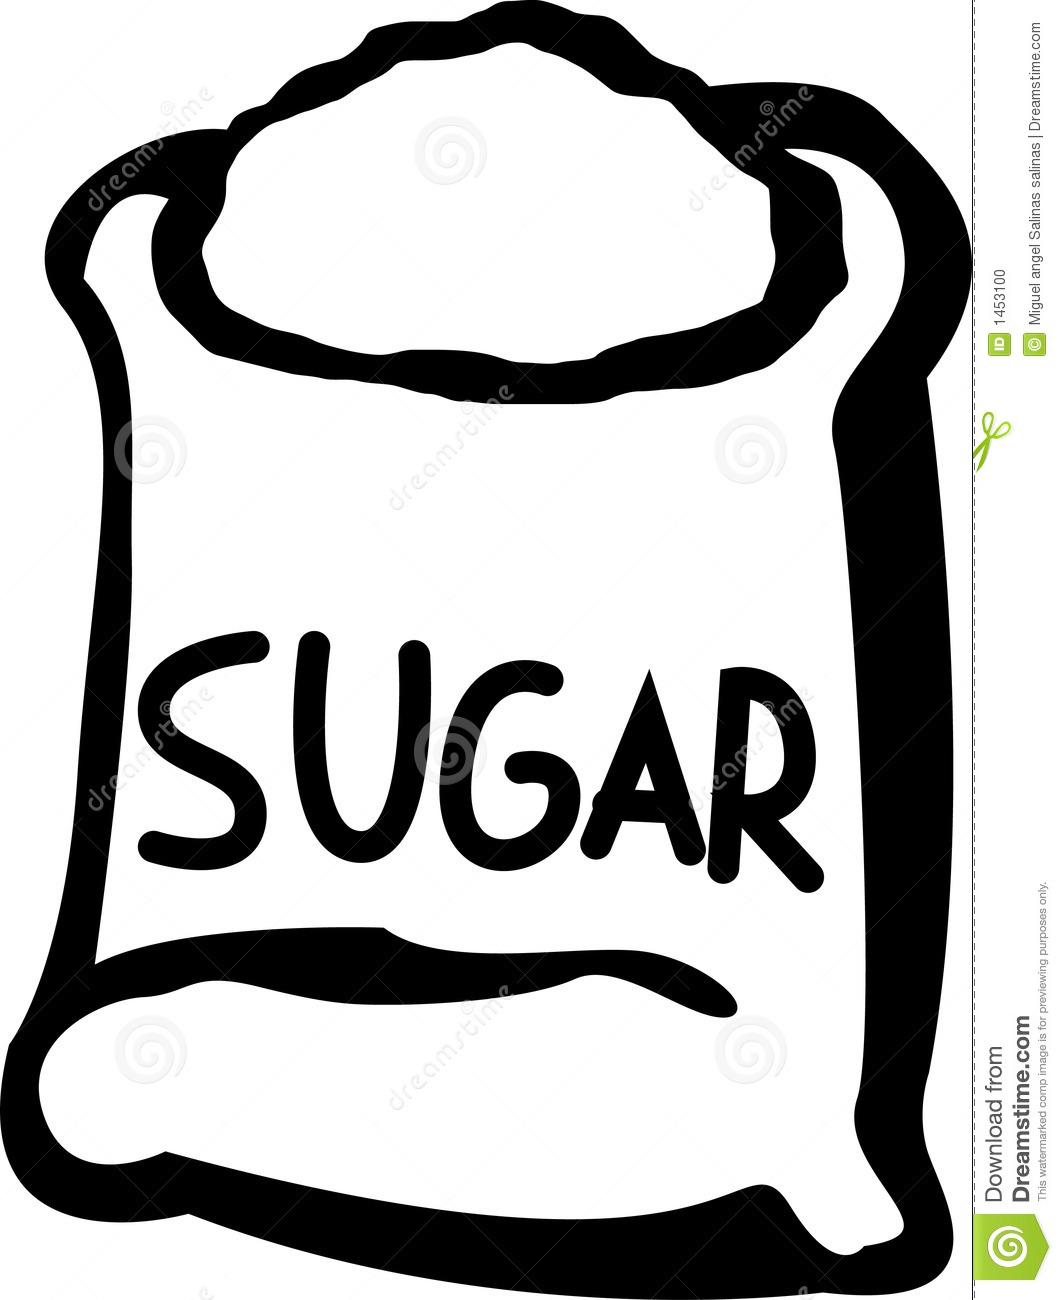 svg royalty free Clip art free panda. Sugar clipart.